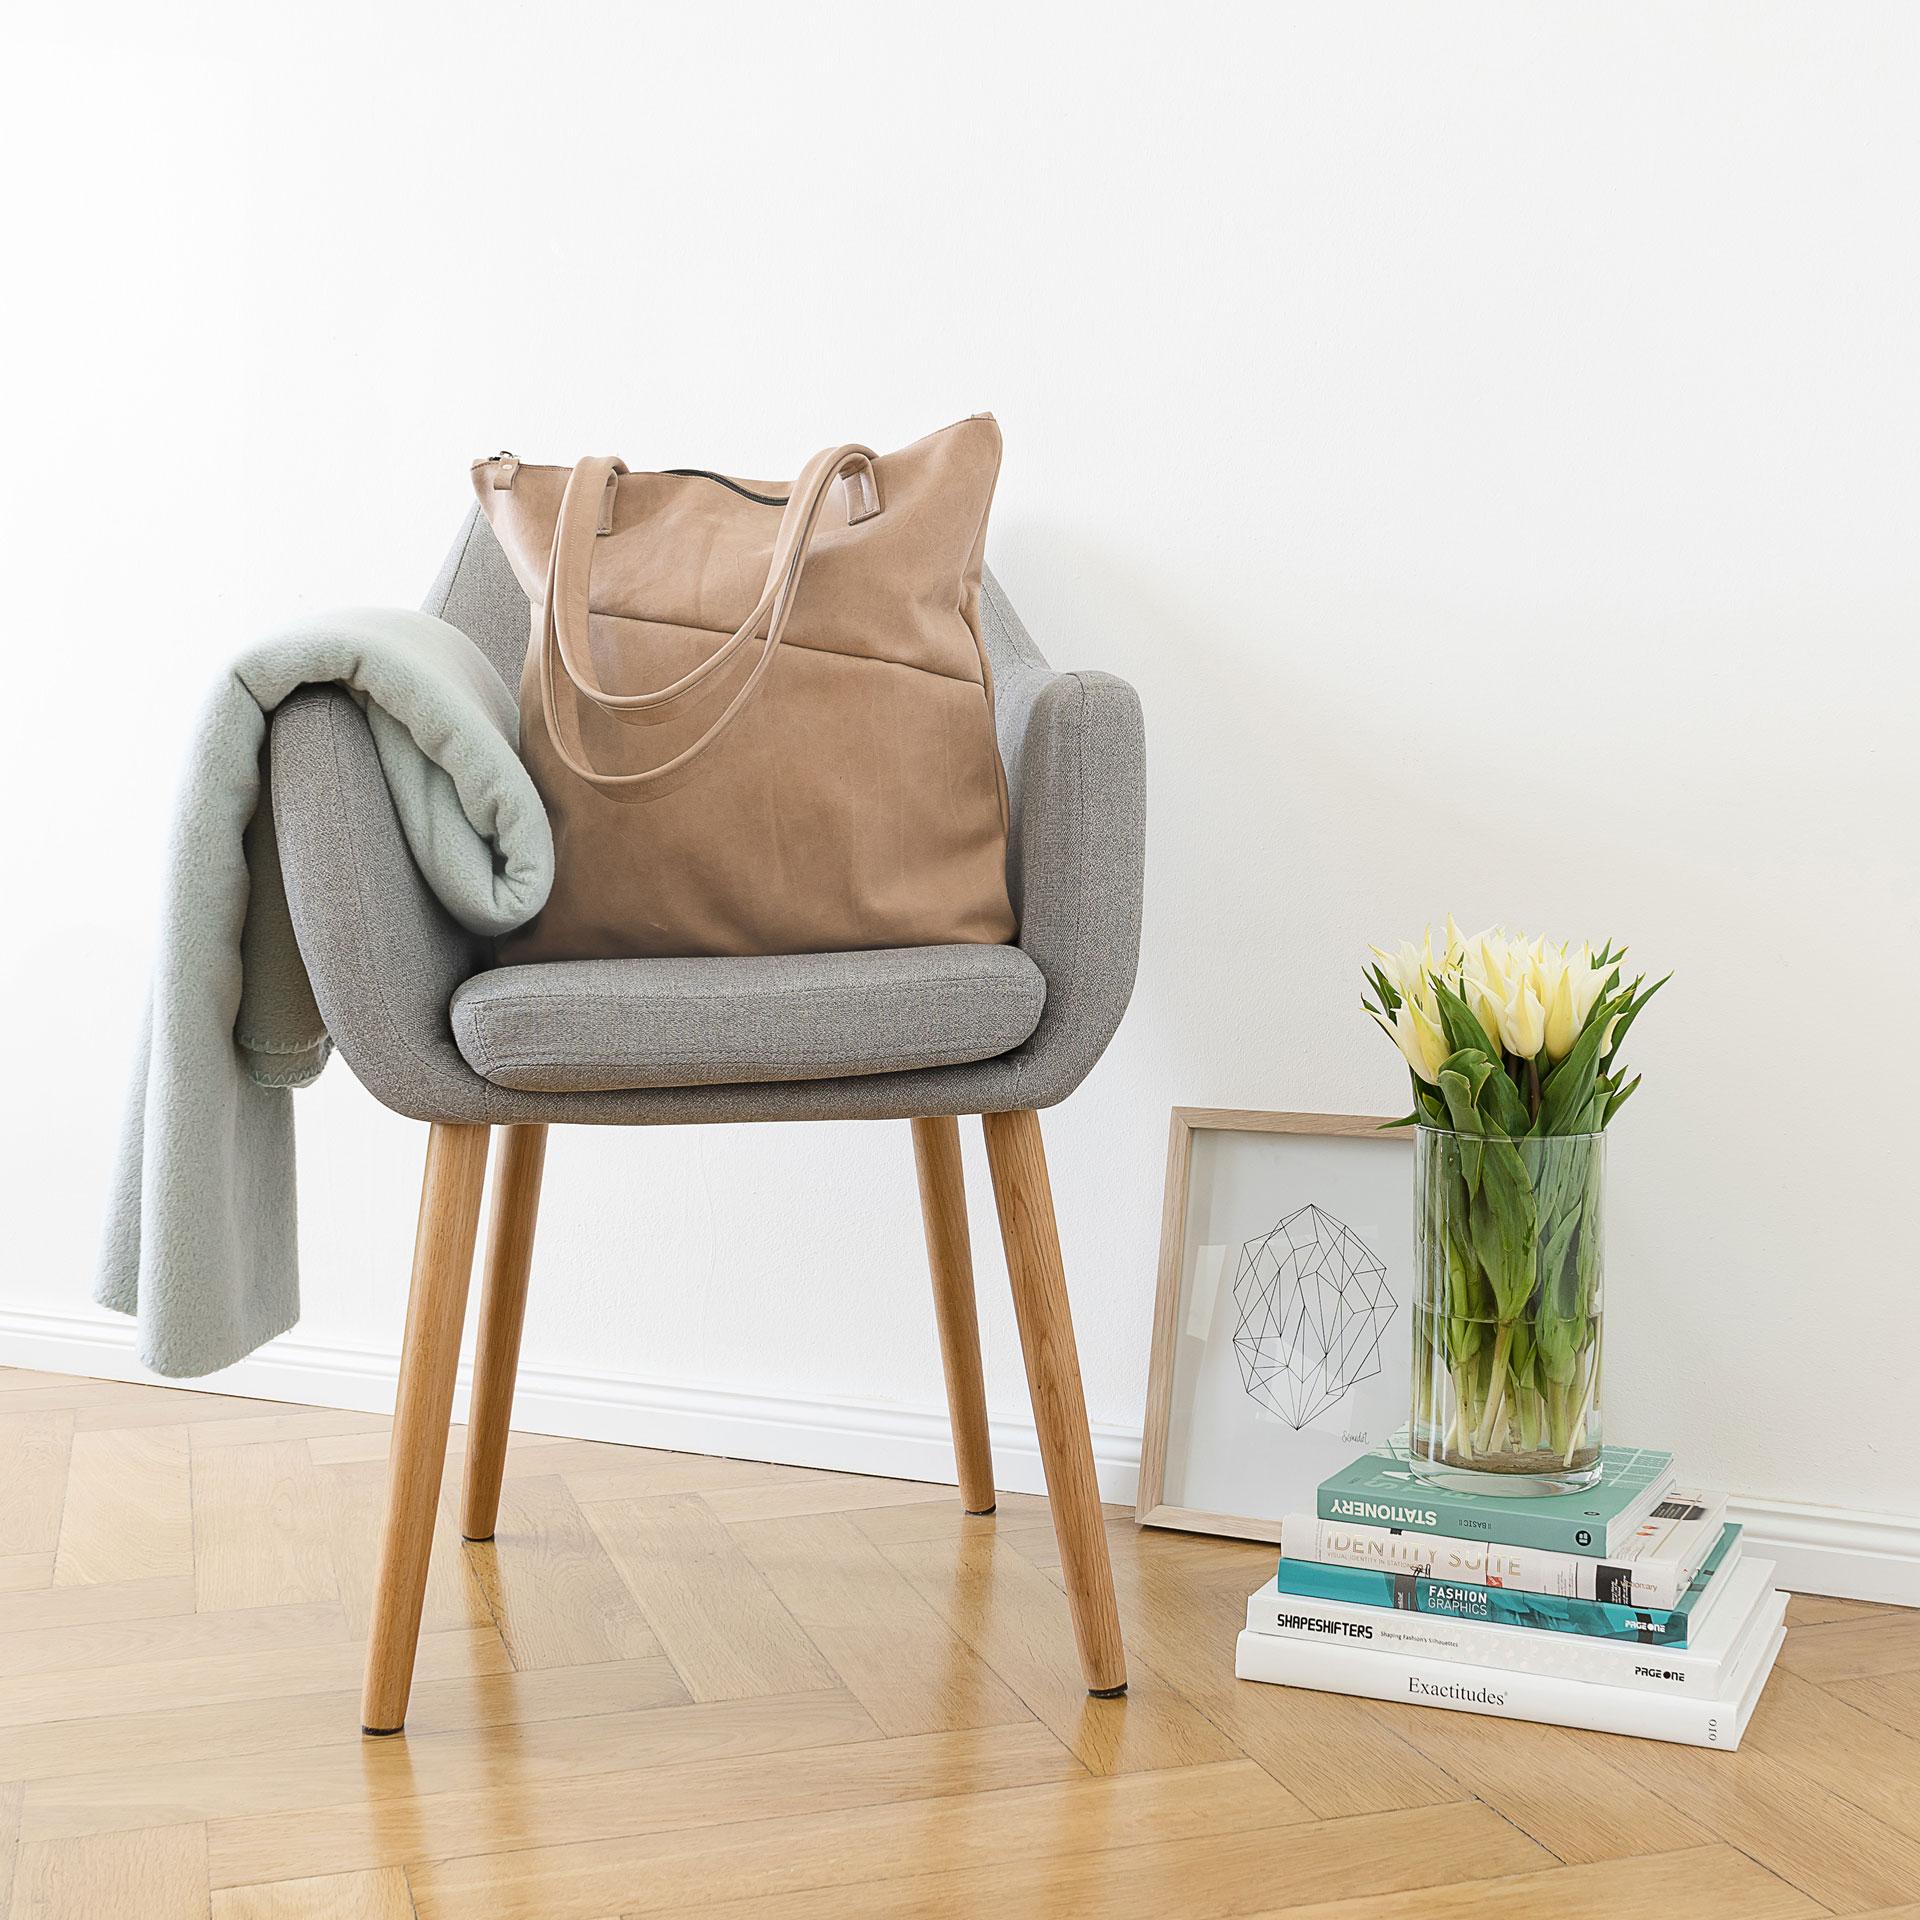 Moodshot Wickeltasche MIA MIDI aus nachhaltigem Naturleder in Steingrau auf einem Stuhl stehend